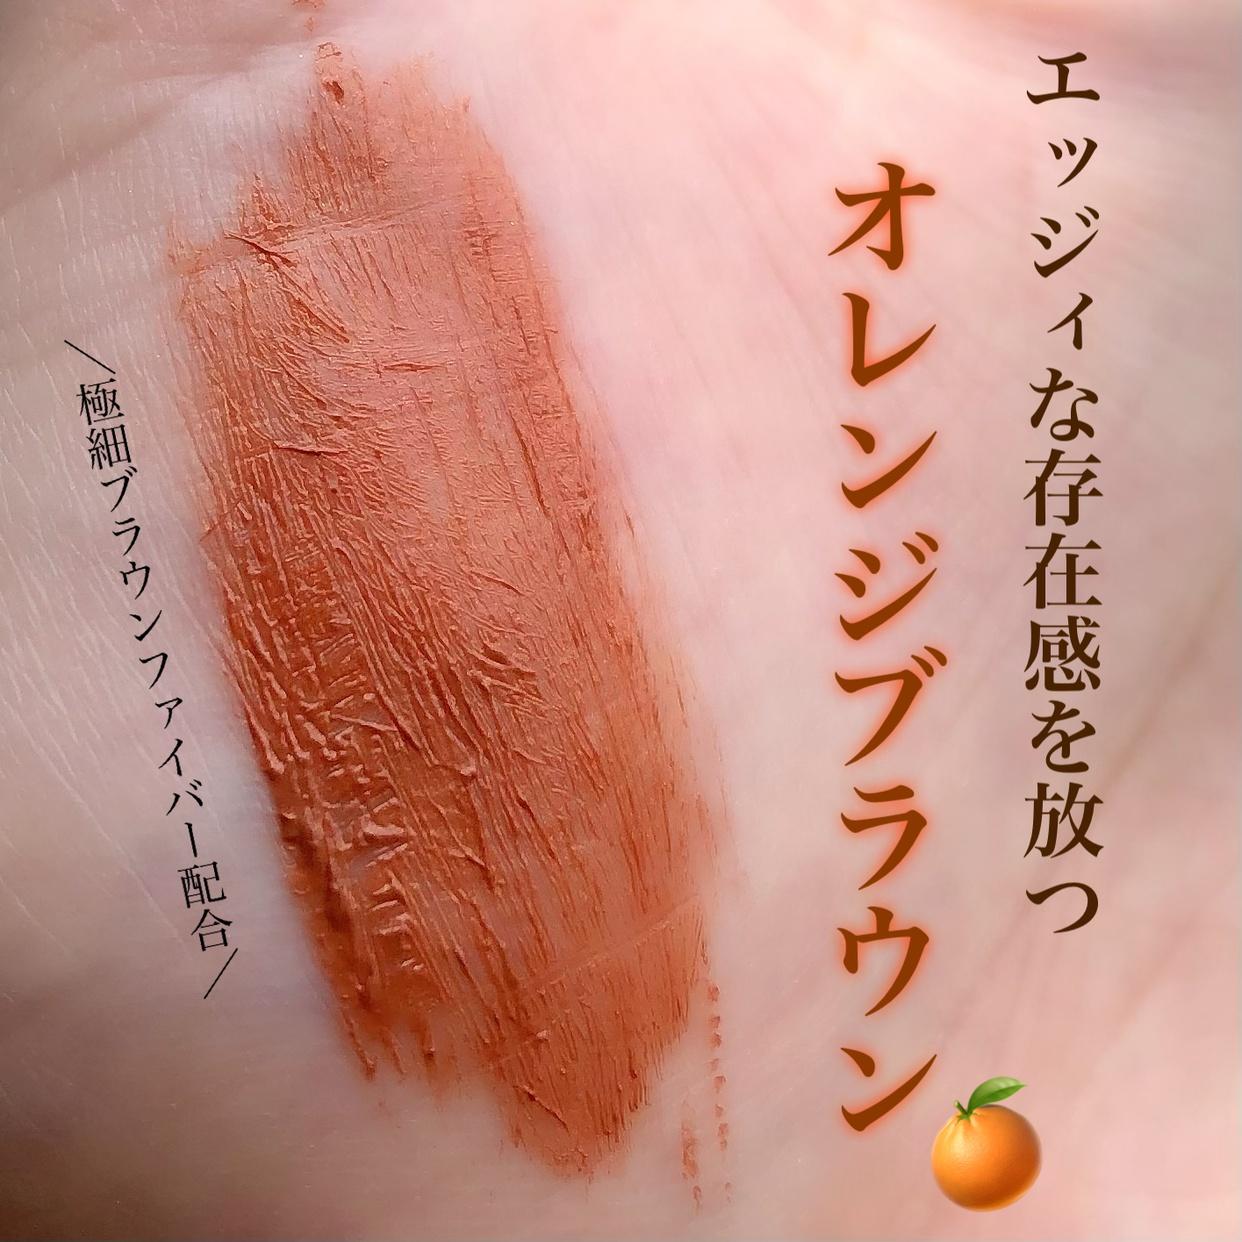 excel(エクセル) ロング&カラードラッシュの良い点・メリットに関するsachikoさんの口コミ画像2